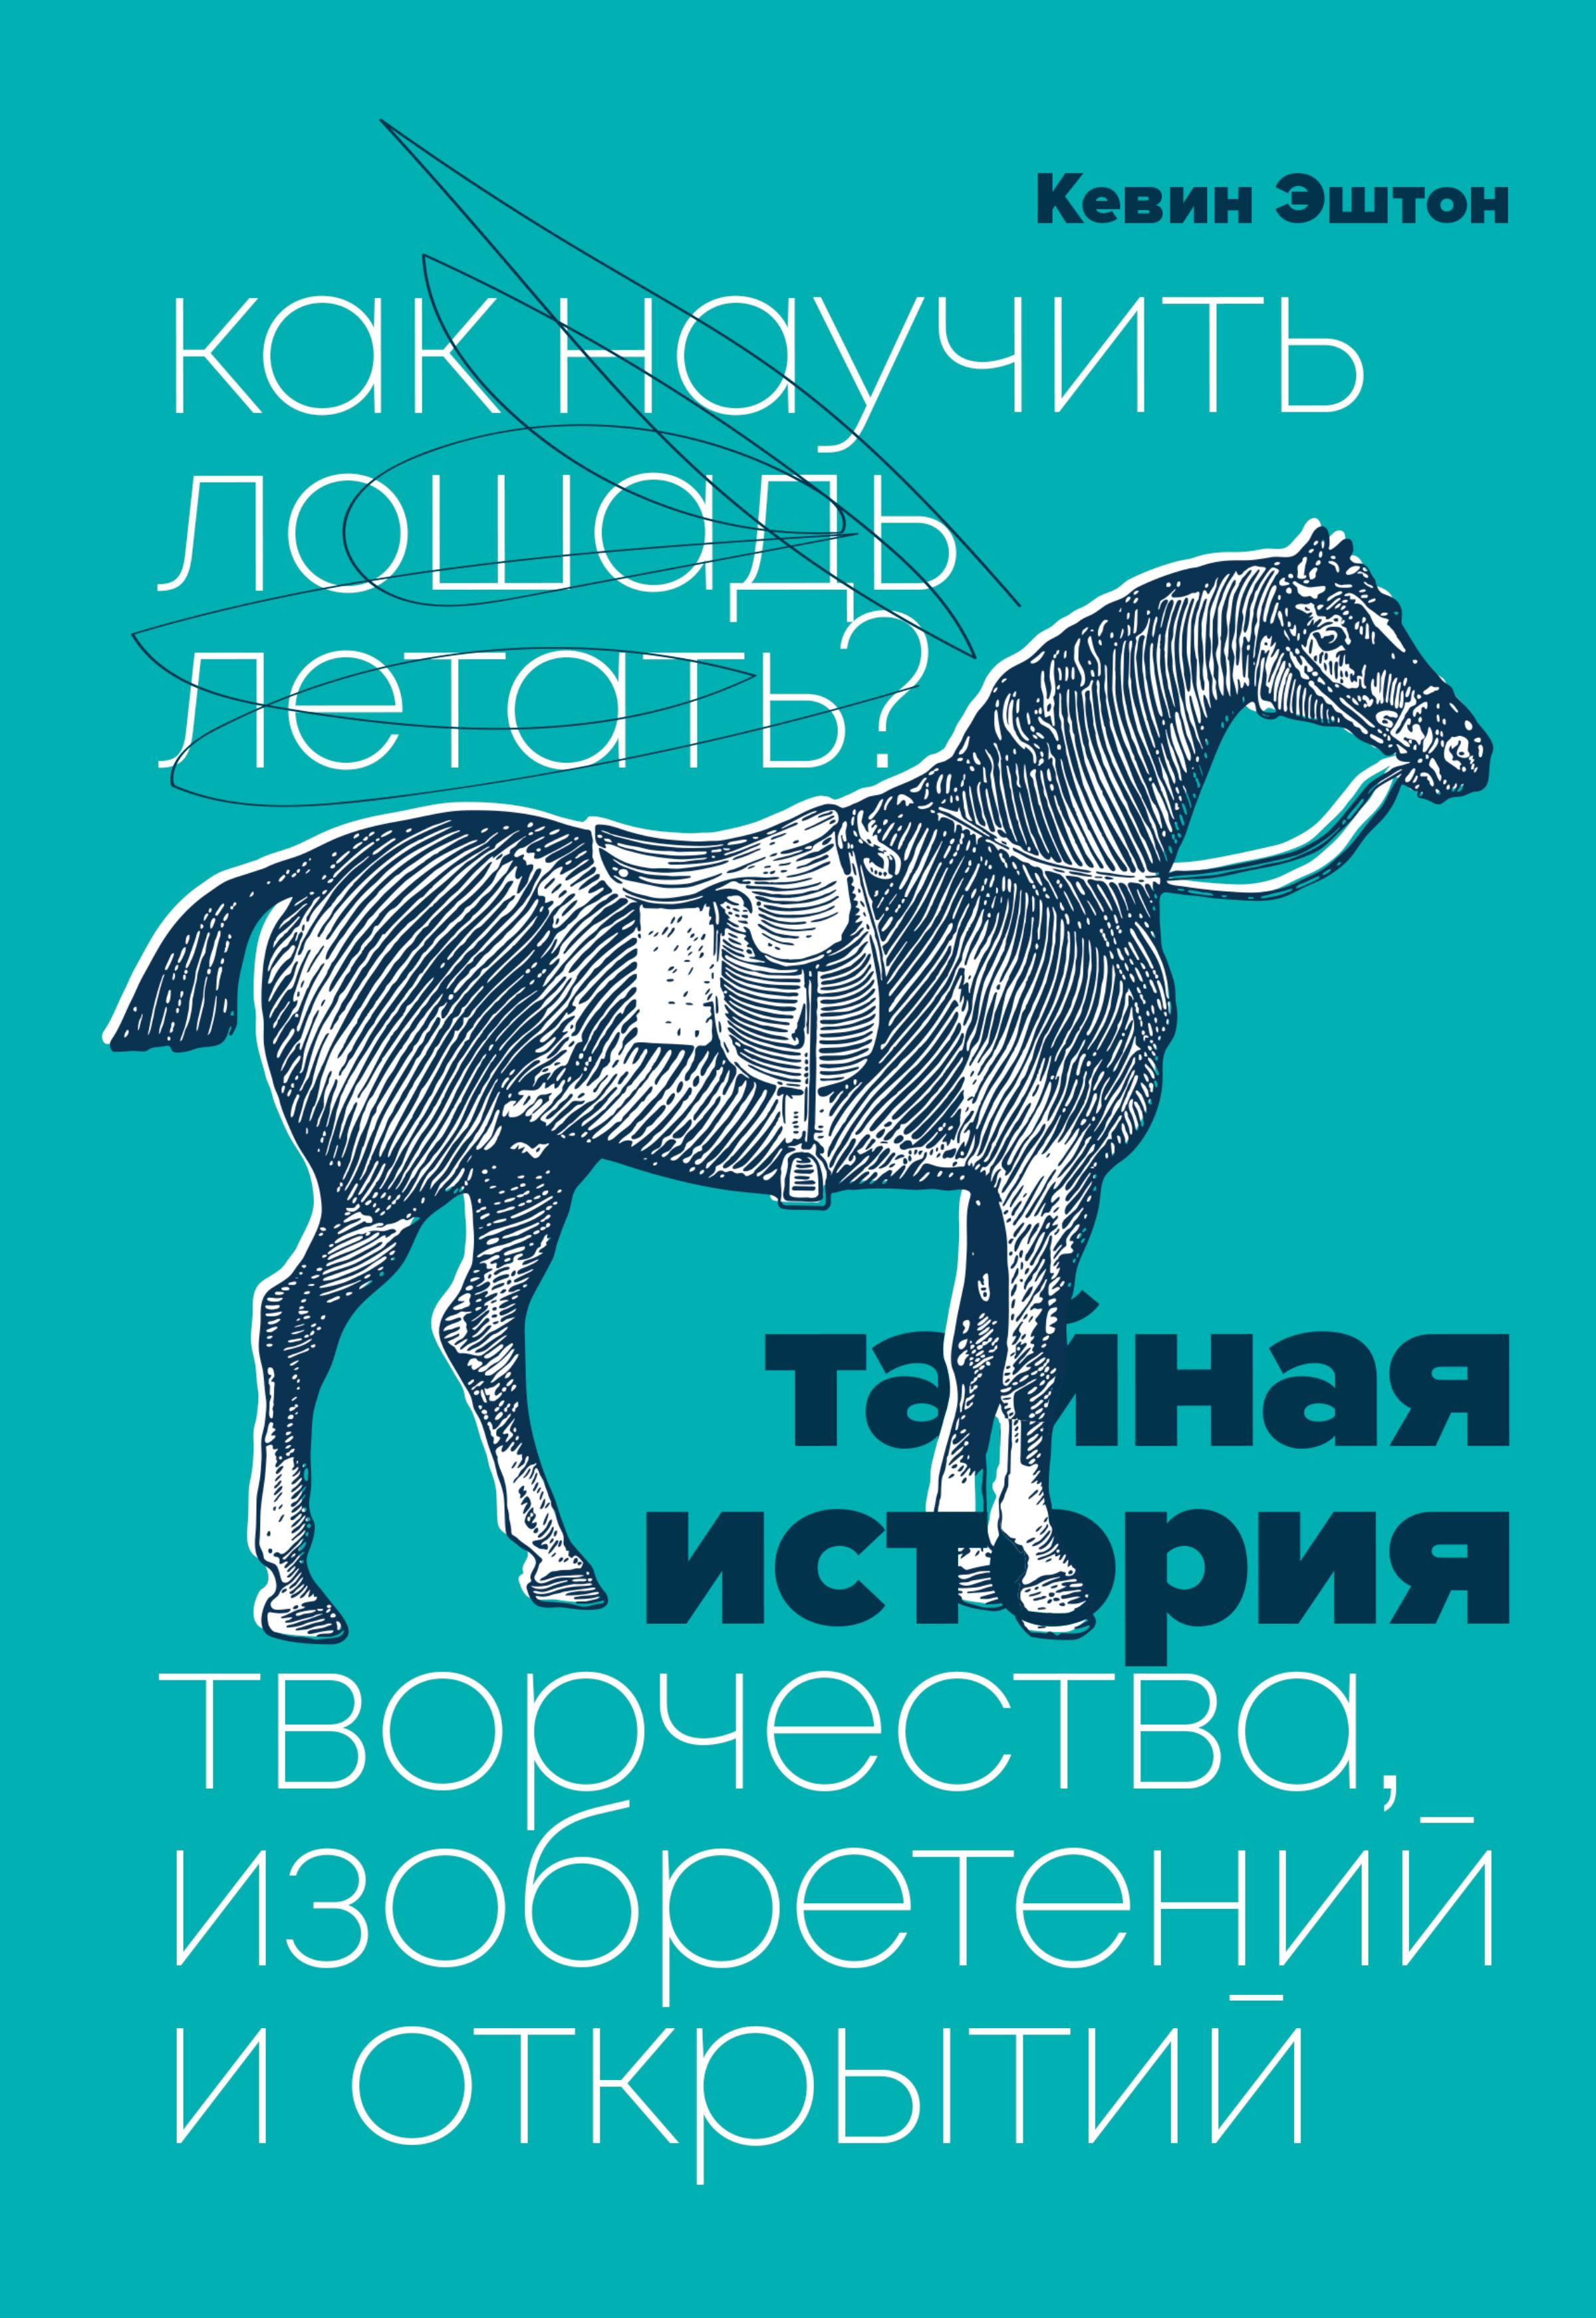 Как научить лошадь летать? Тайная история творчества, изобретений и открытий